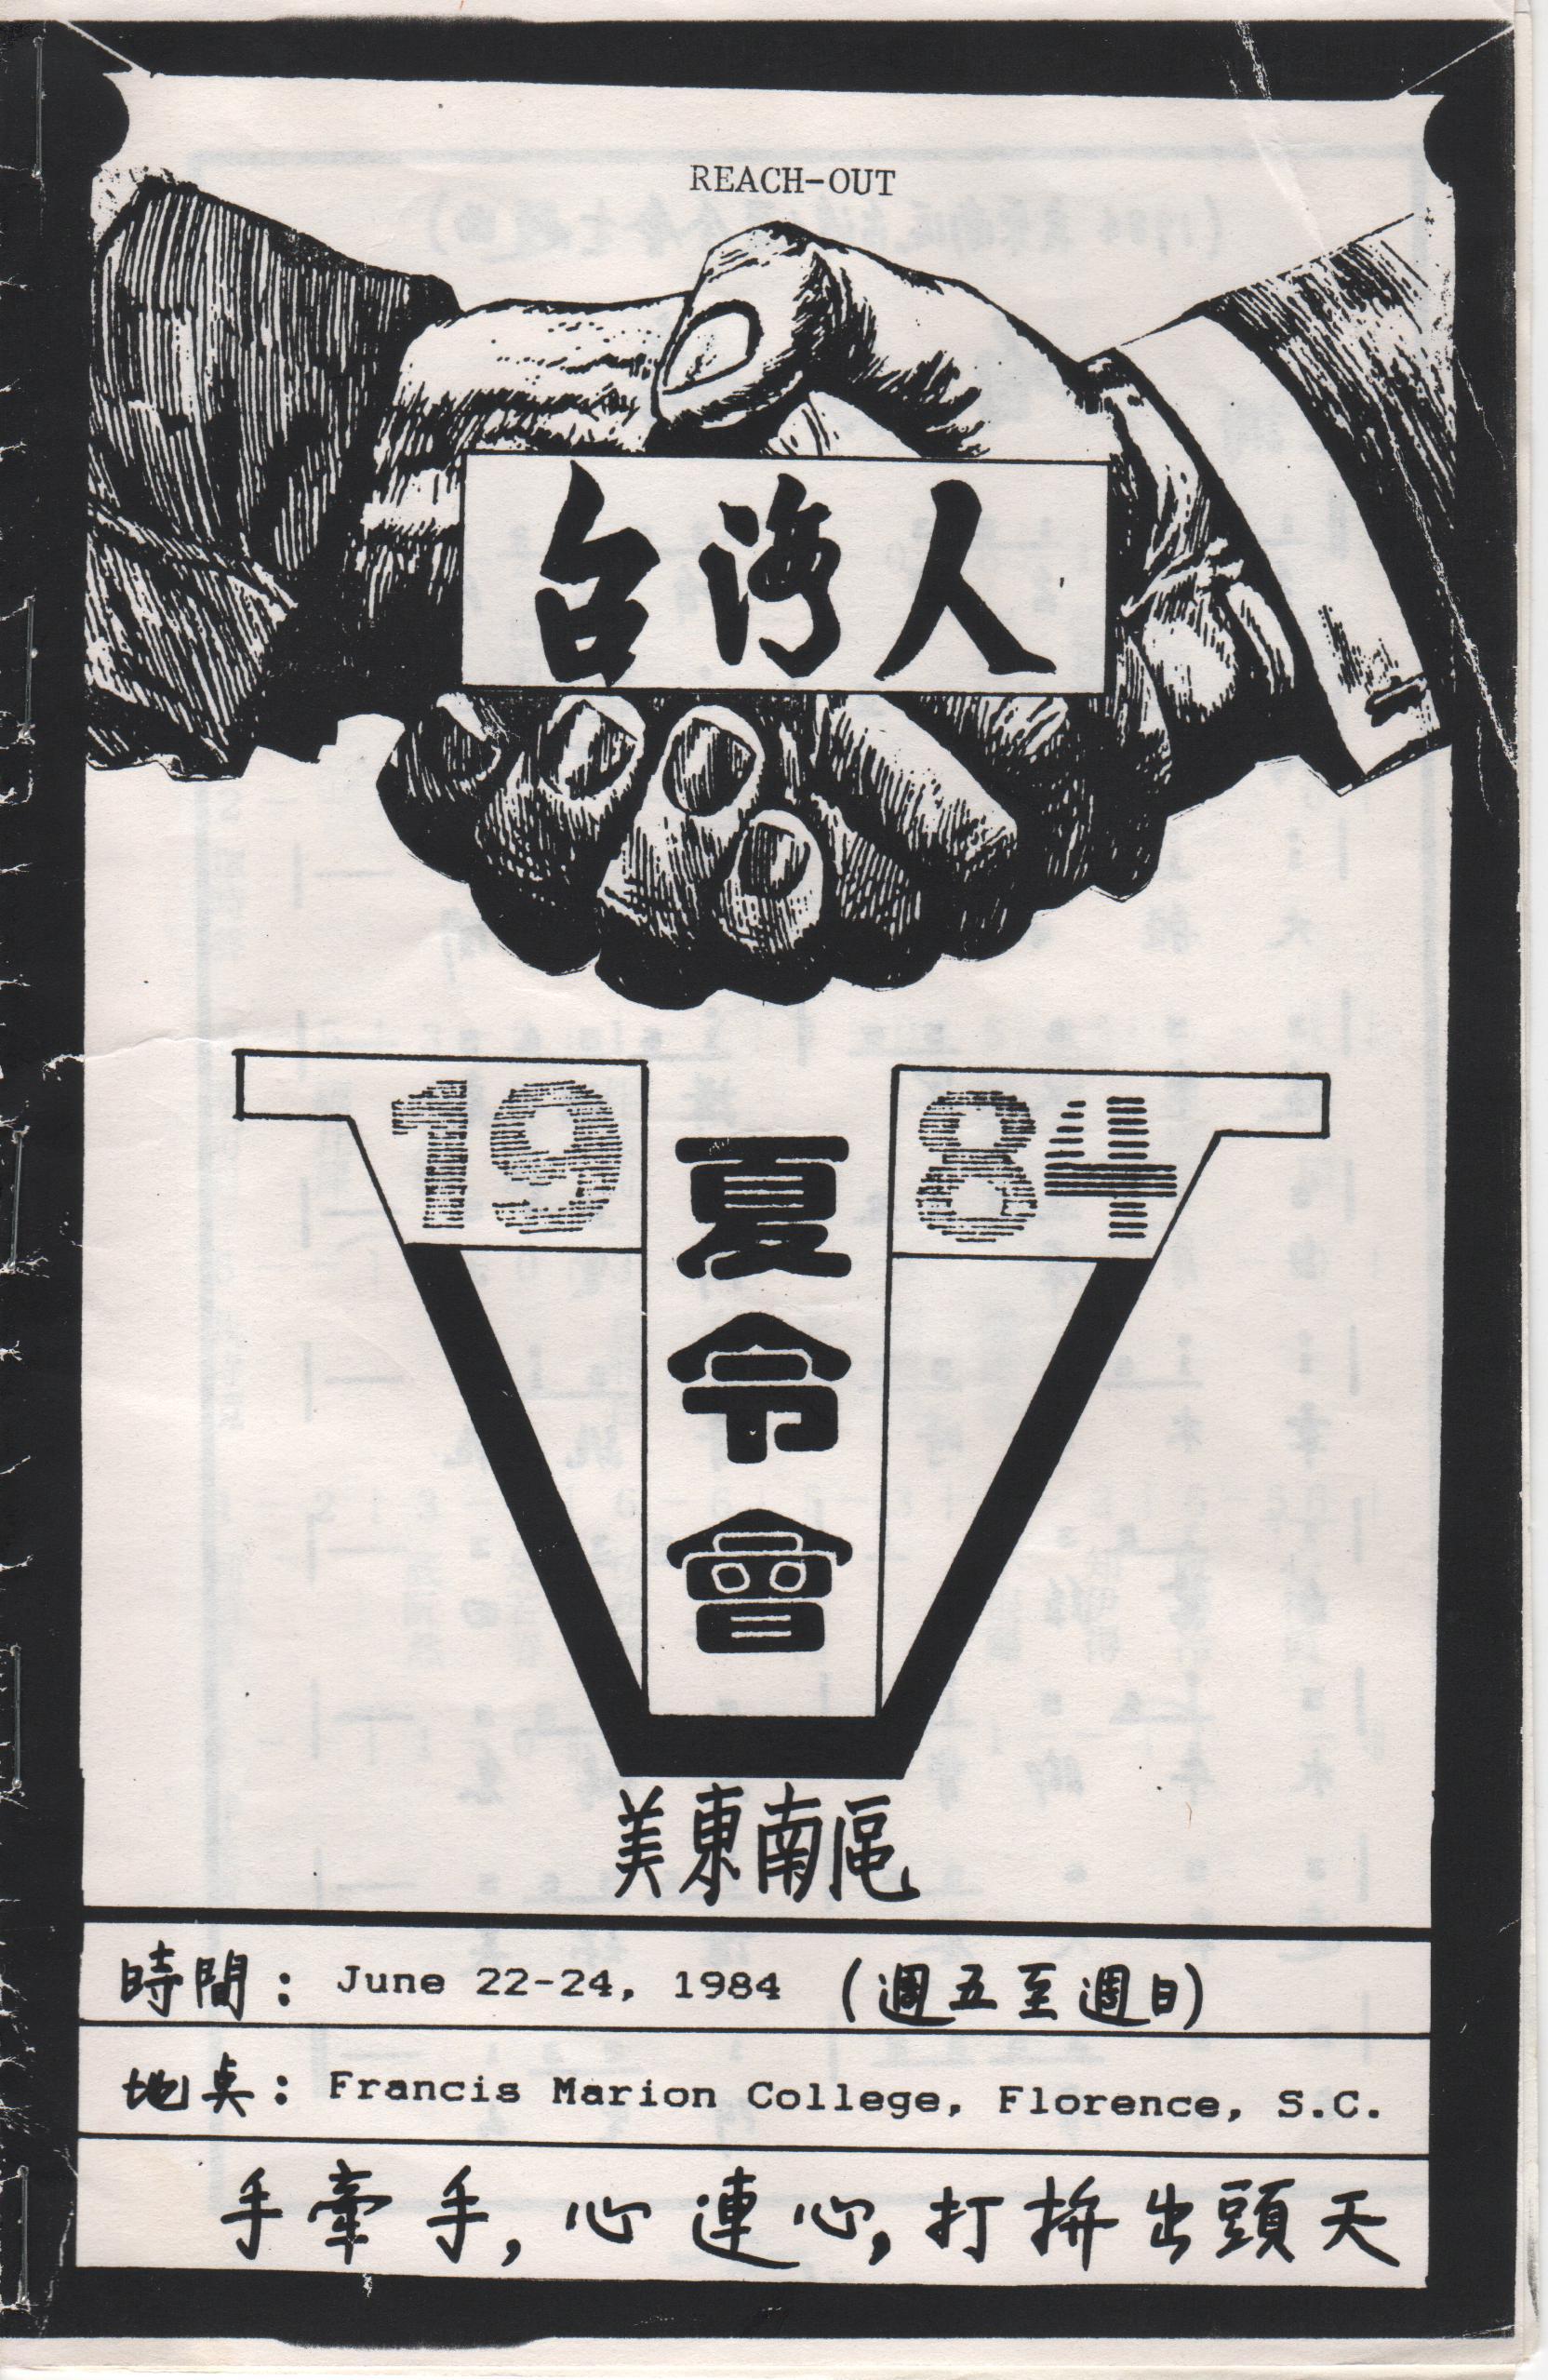 SETAA 1984